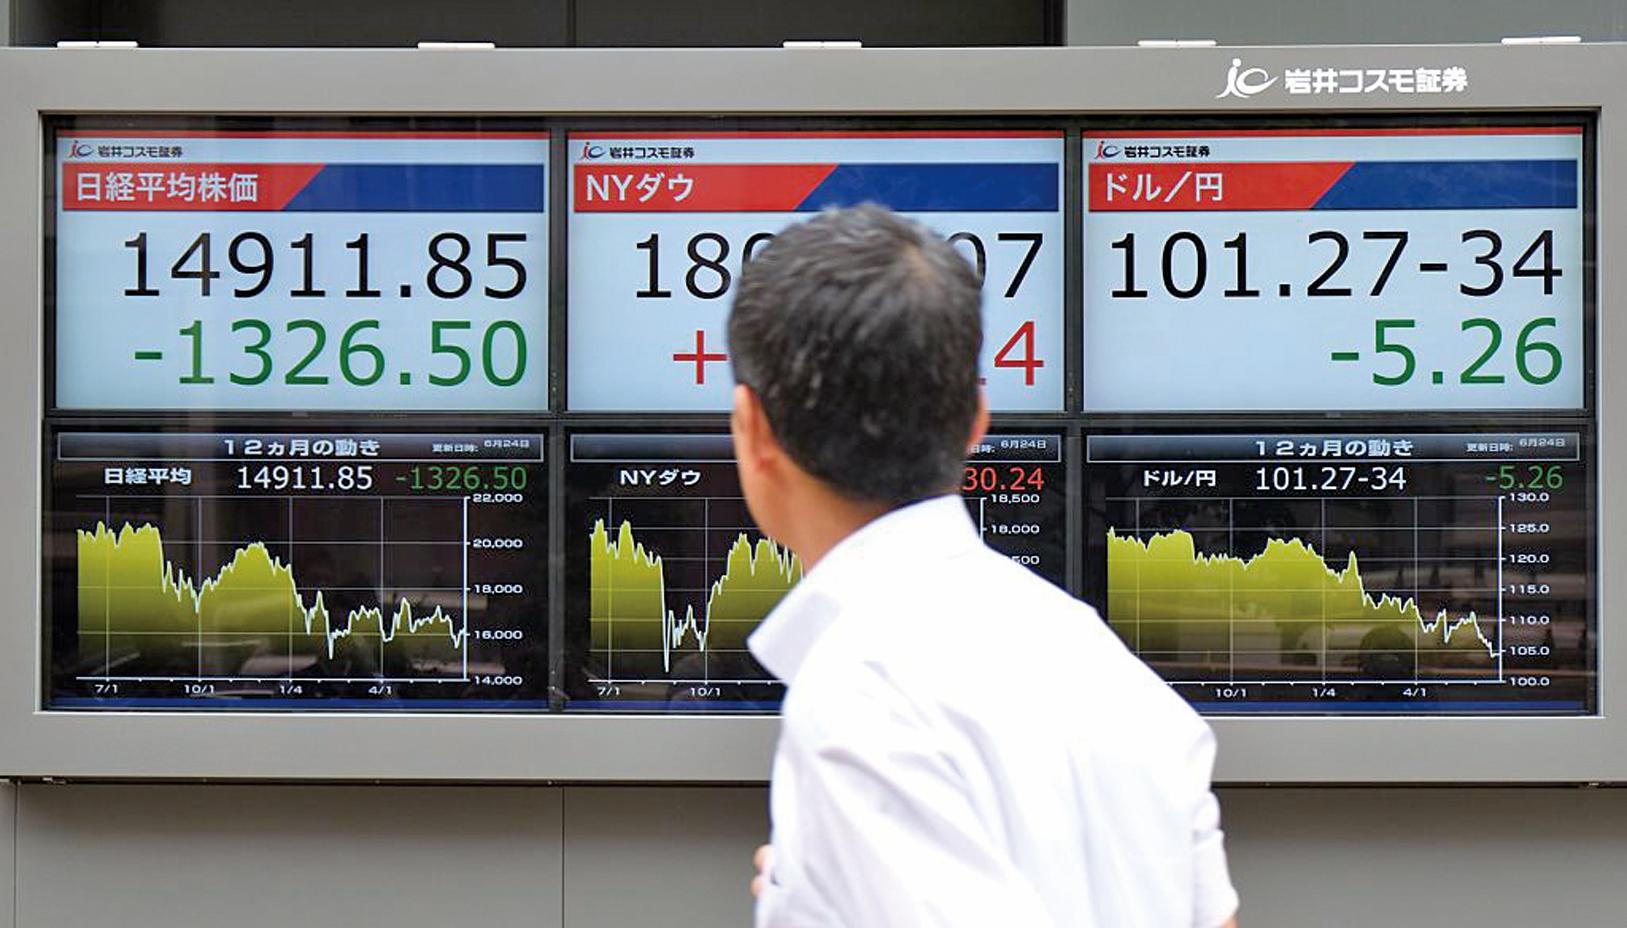 英國脫歐公投結果重創日本股票市場,6月24日的東京股票市場日經指數一度暴跌超過1,300點,創下16年以來的跌幅新高。(Getty Images)